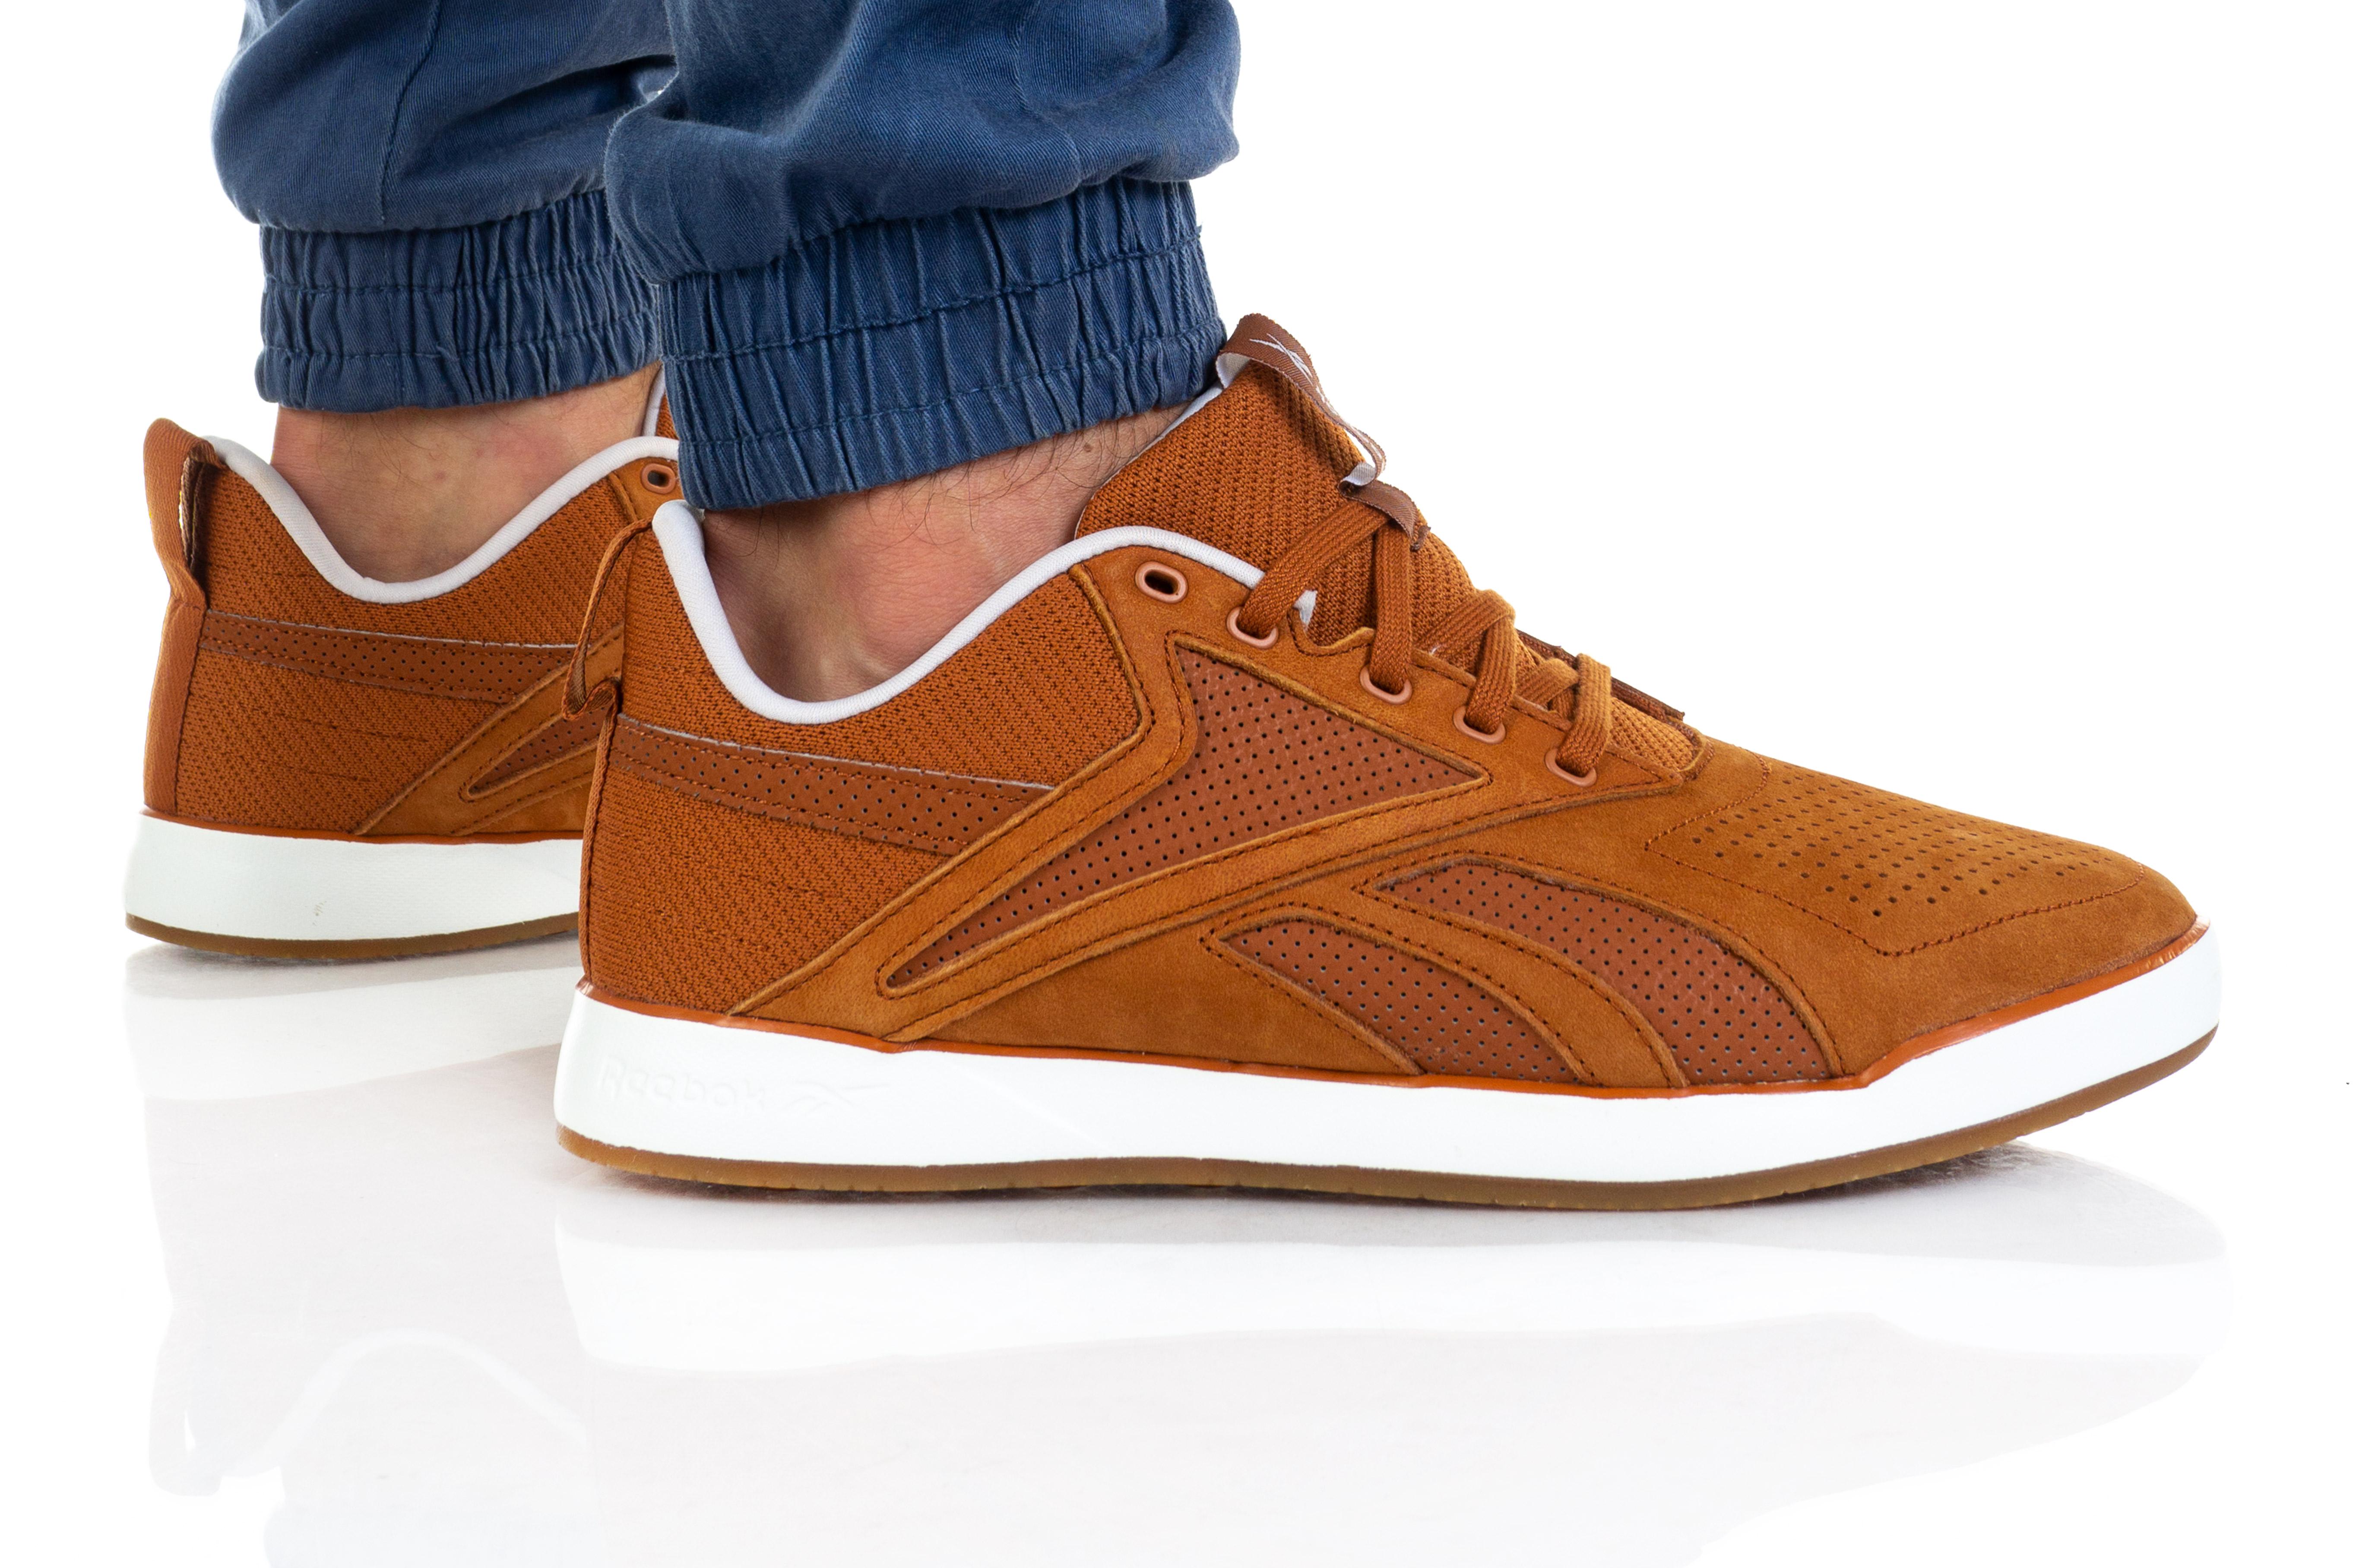 נעליים ריבוק לגברים Reebok EVER ROAD DMX 3.0 - חום